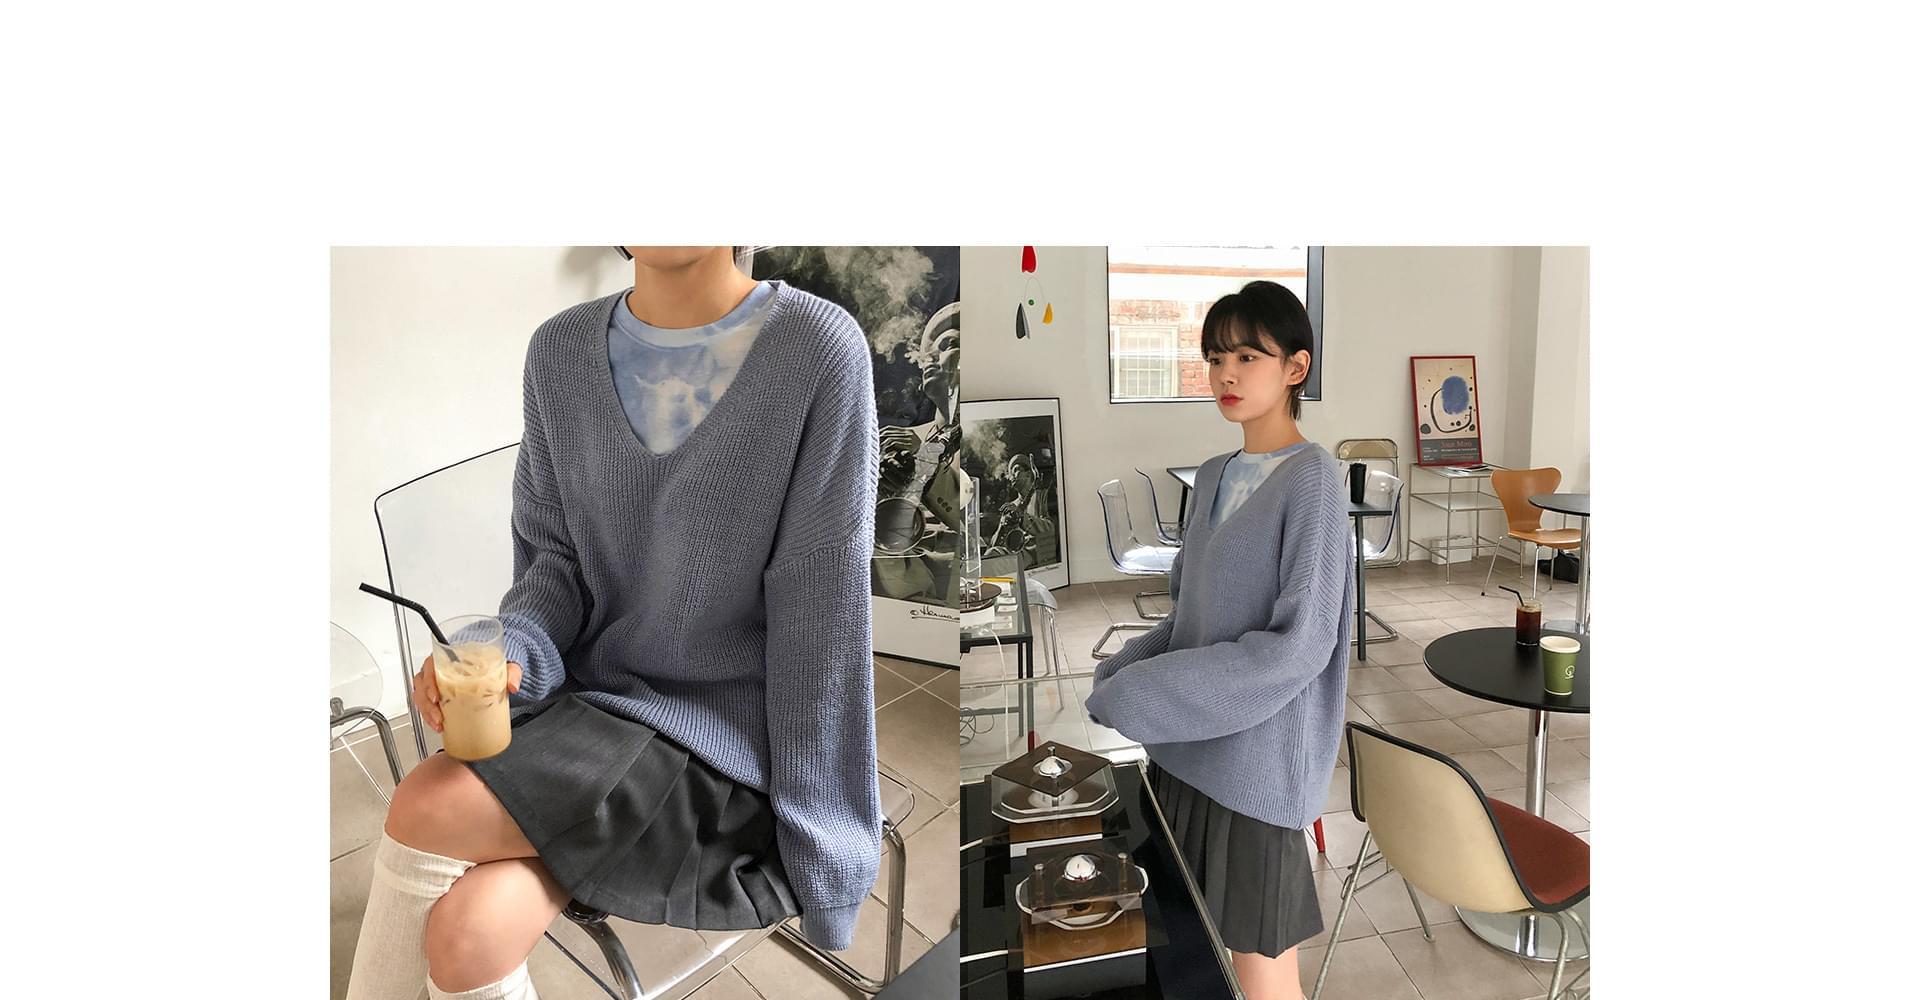 V-neck overfit hatch knit 針織衫